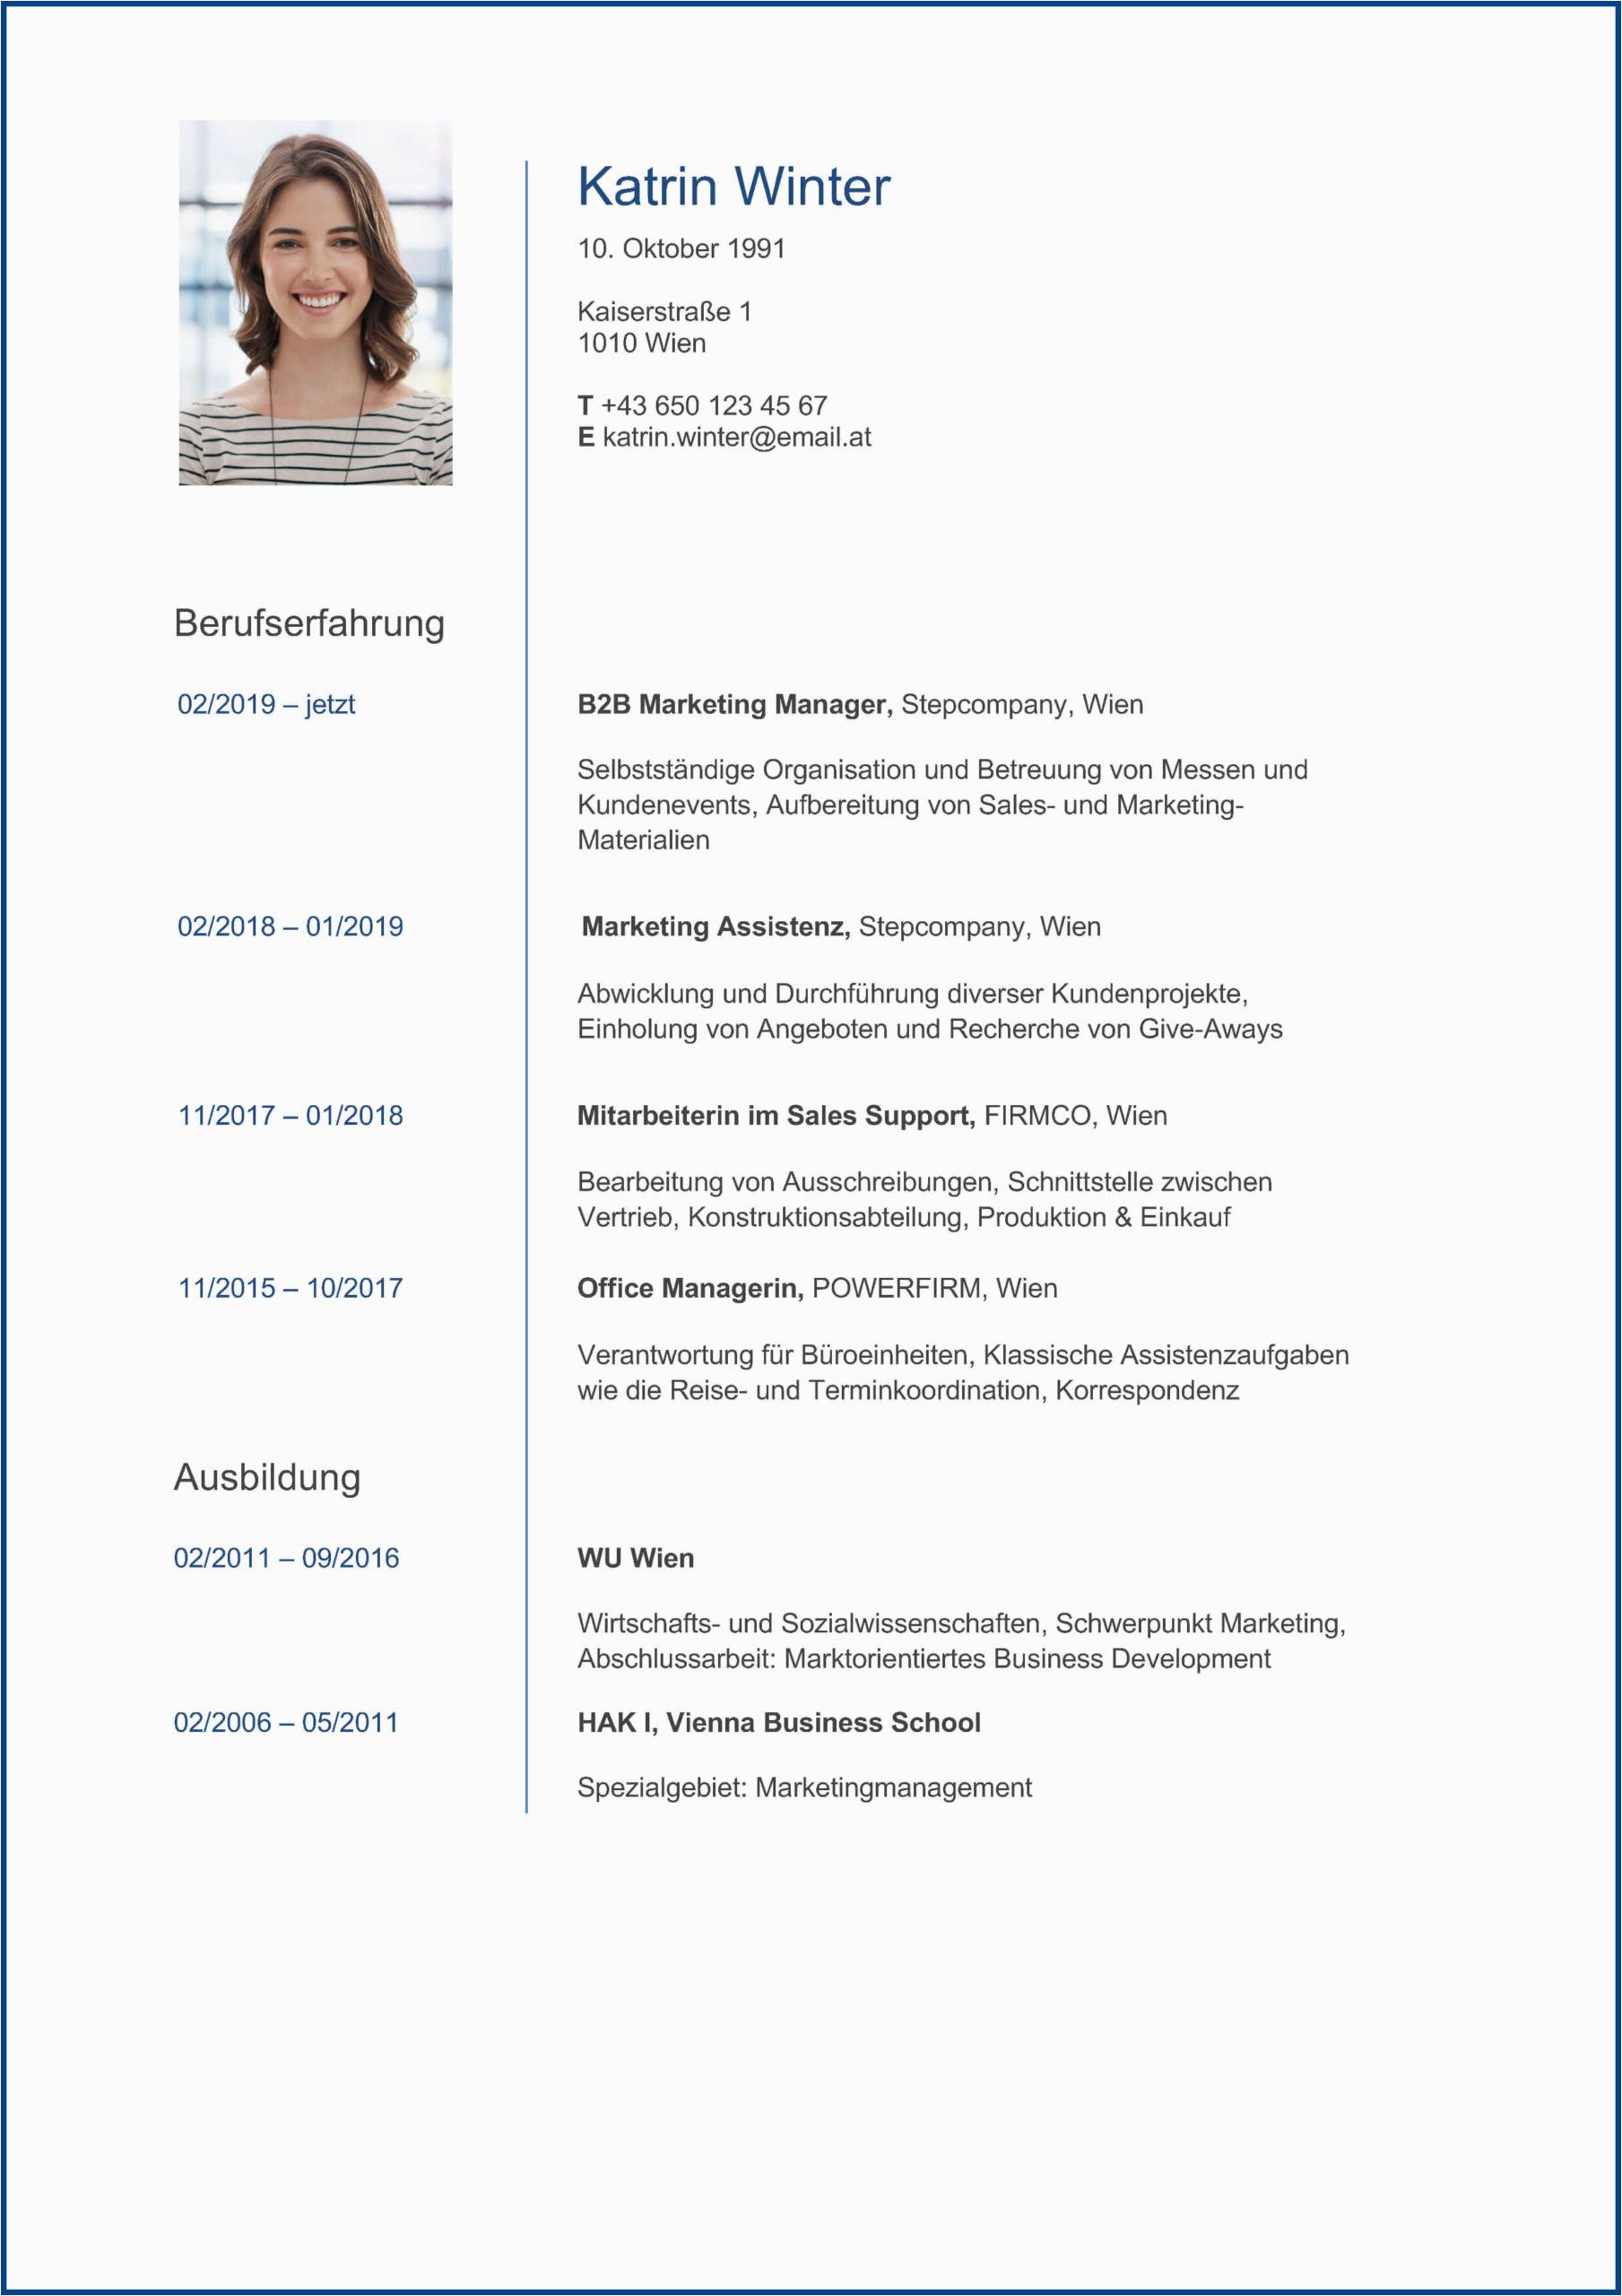 Der Lebenslauf In Deutsch Der Perfekte Lebenslauf Aufbau Tipps Und Vorlagen